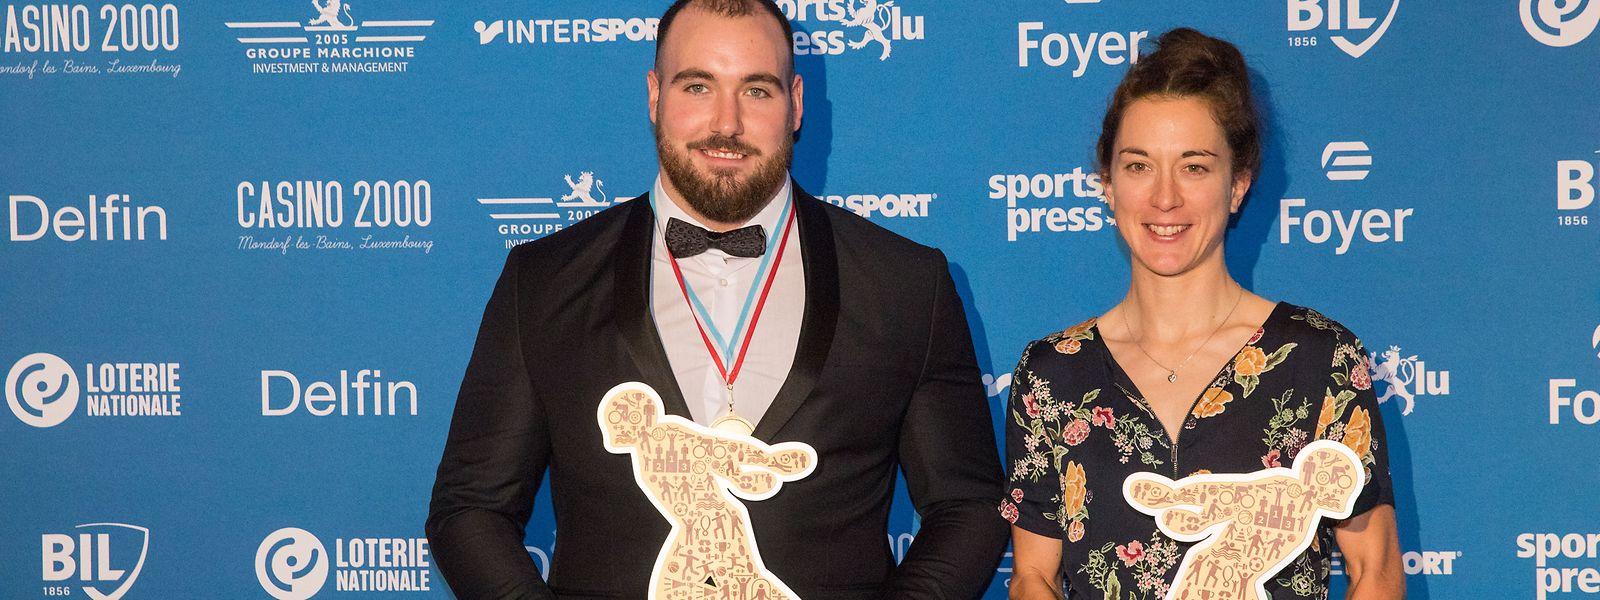 Luxemburgs Sportler des Jahres 2019: Bob Bertemes und Christine Majerus.